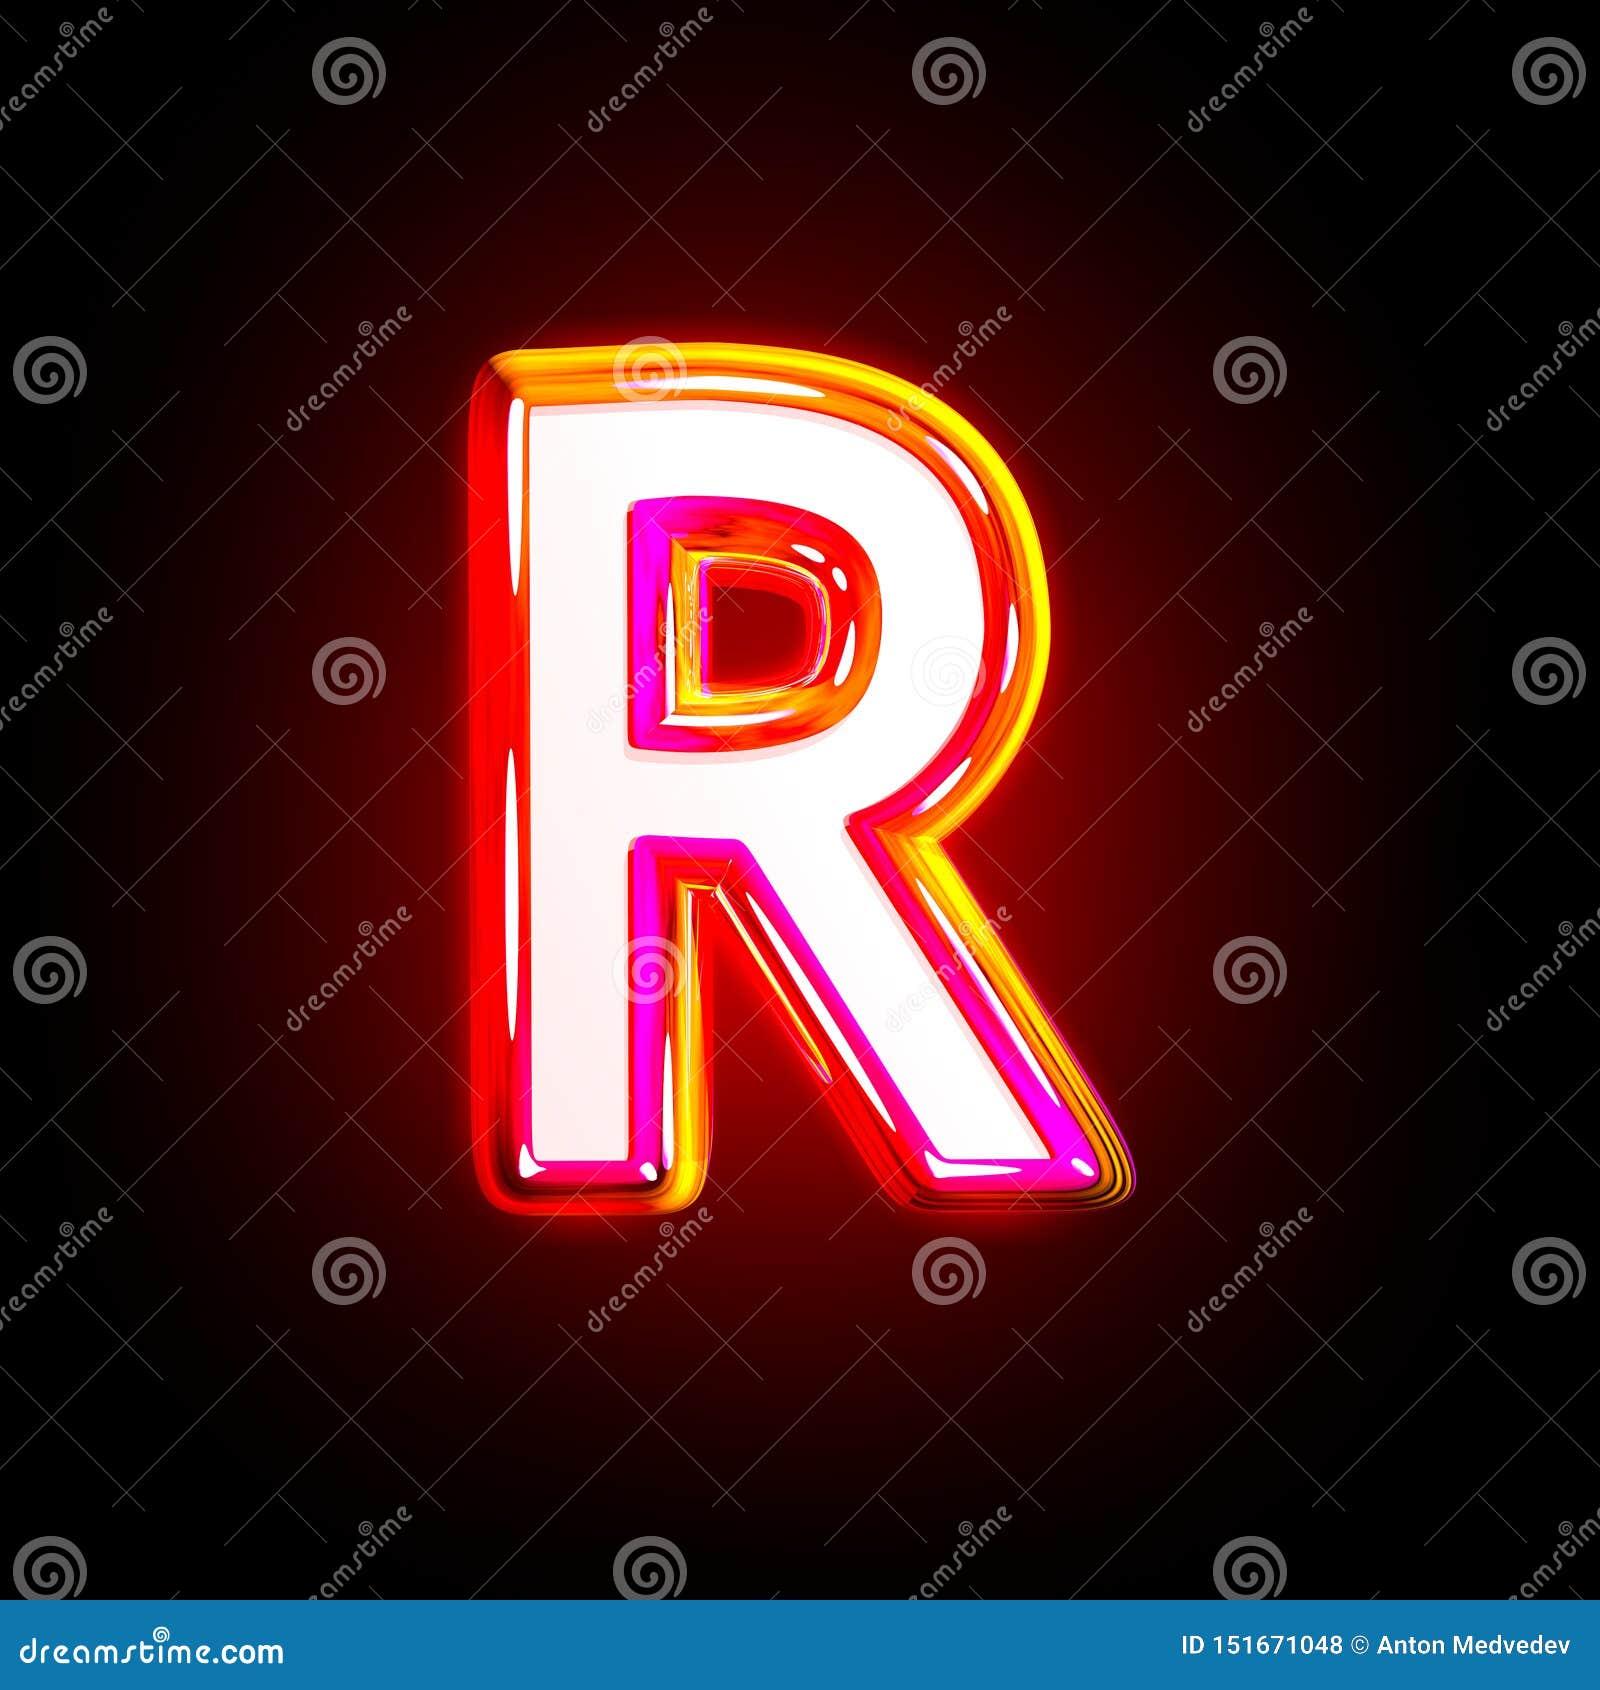 Luxury Glow Red Creative Alphabet